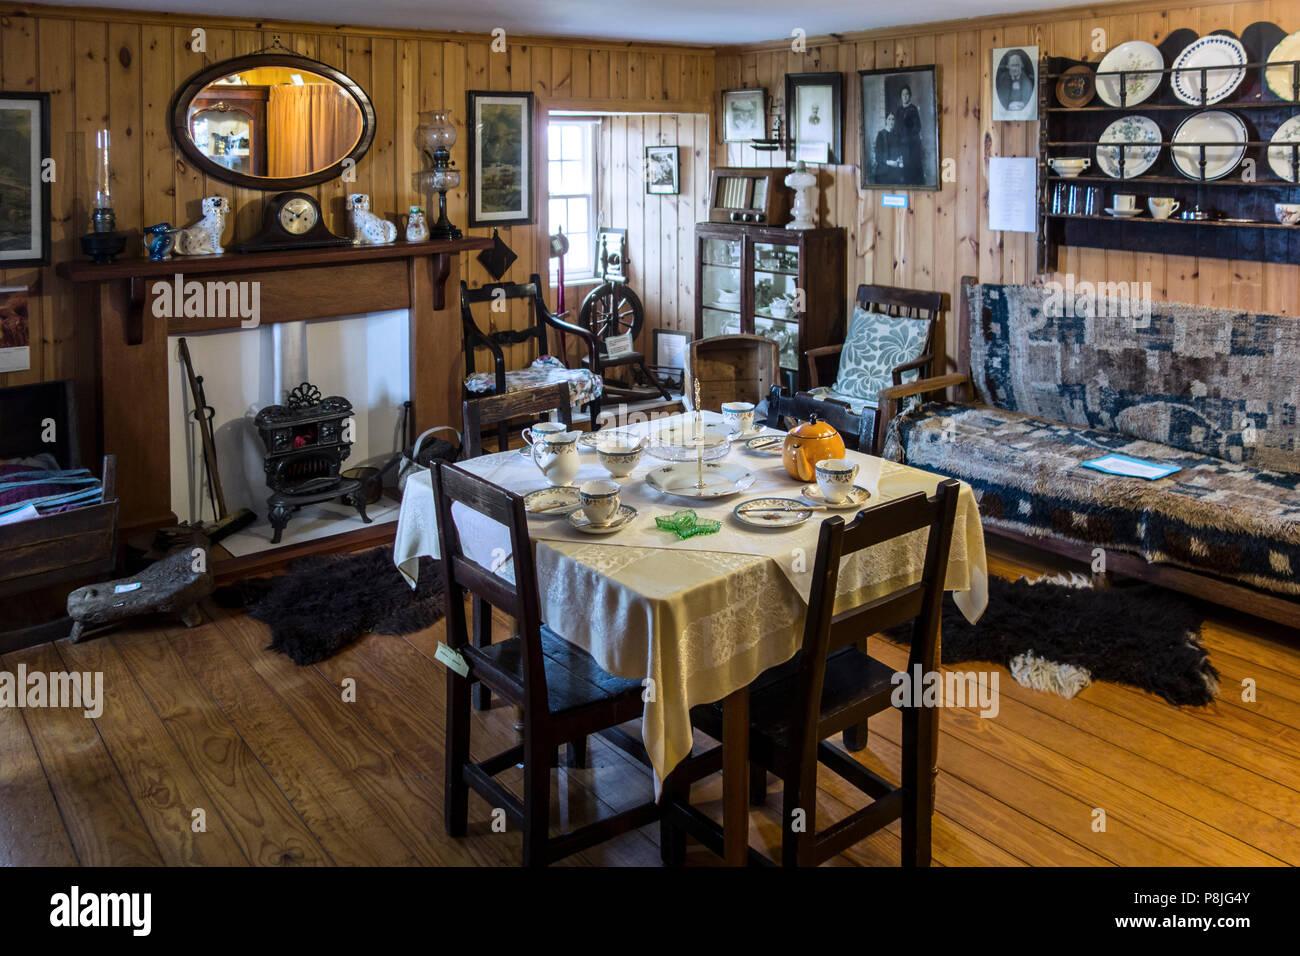 Arredi ottocenteschi in Laird's Camera / Stanza di seduta al Tangwick Haa Museum a Eshaness in Northmavine, isole Shetland, Scotland, Regno Unito Immagini Stock